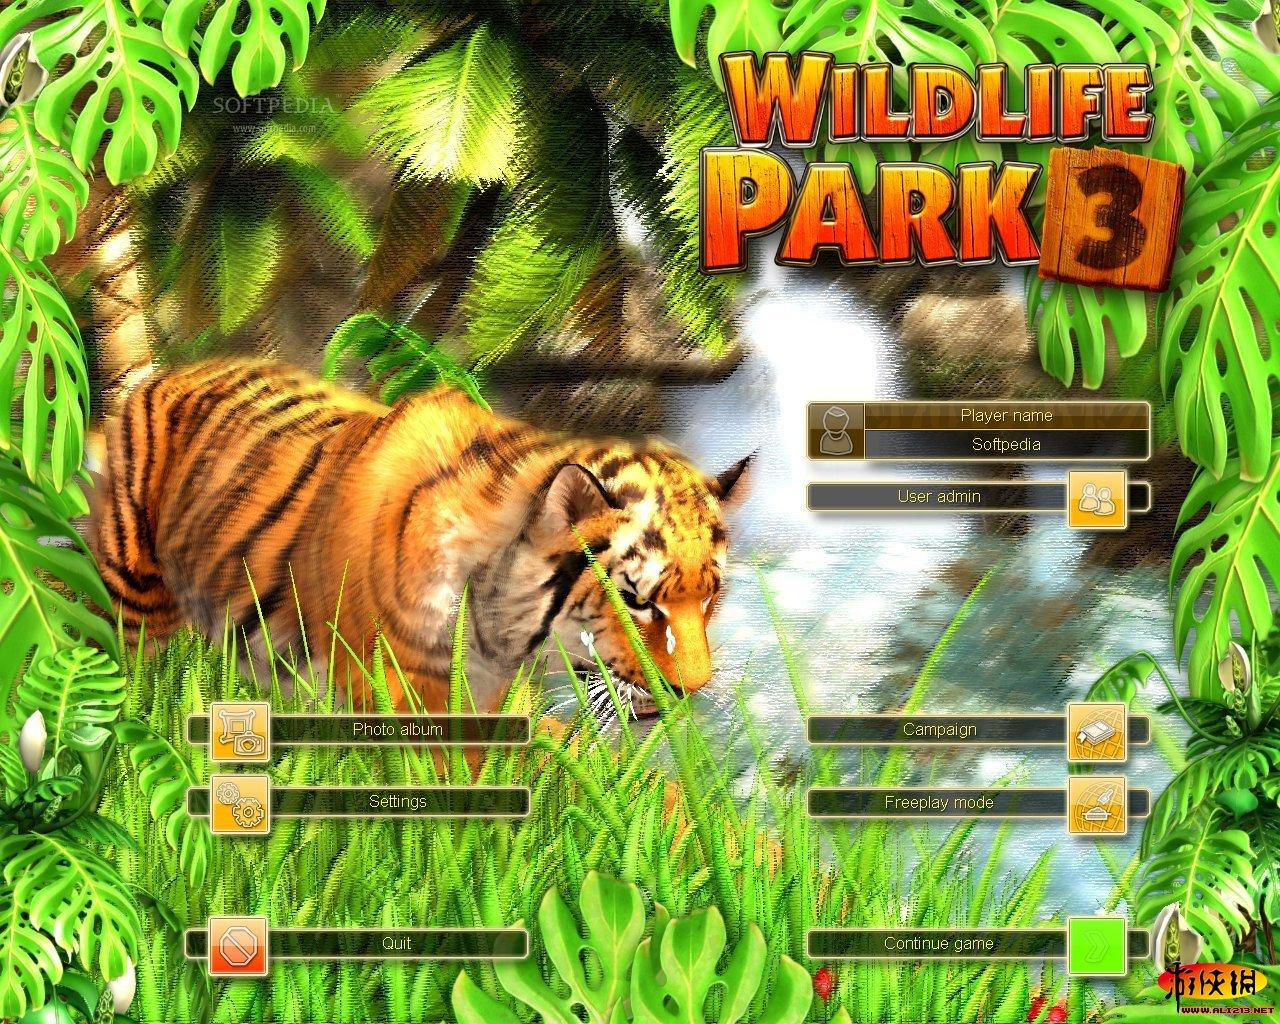 《野生动物园大亨3》游戏评测:锻炼爱心与毅力